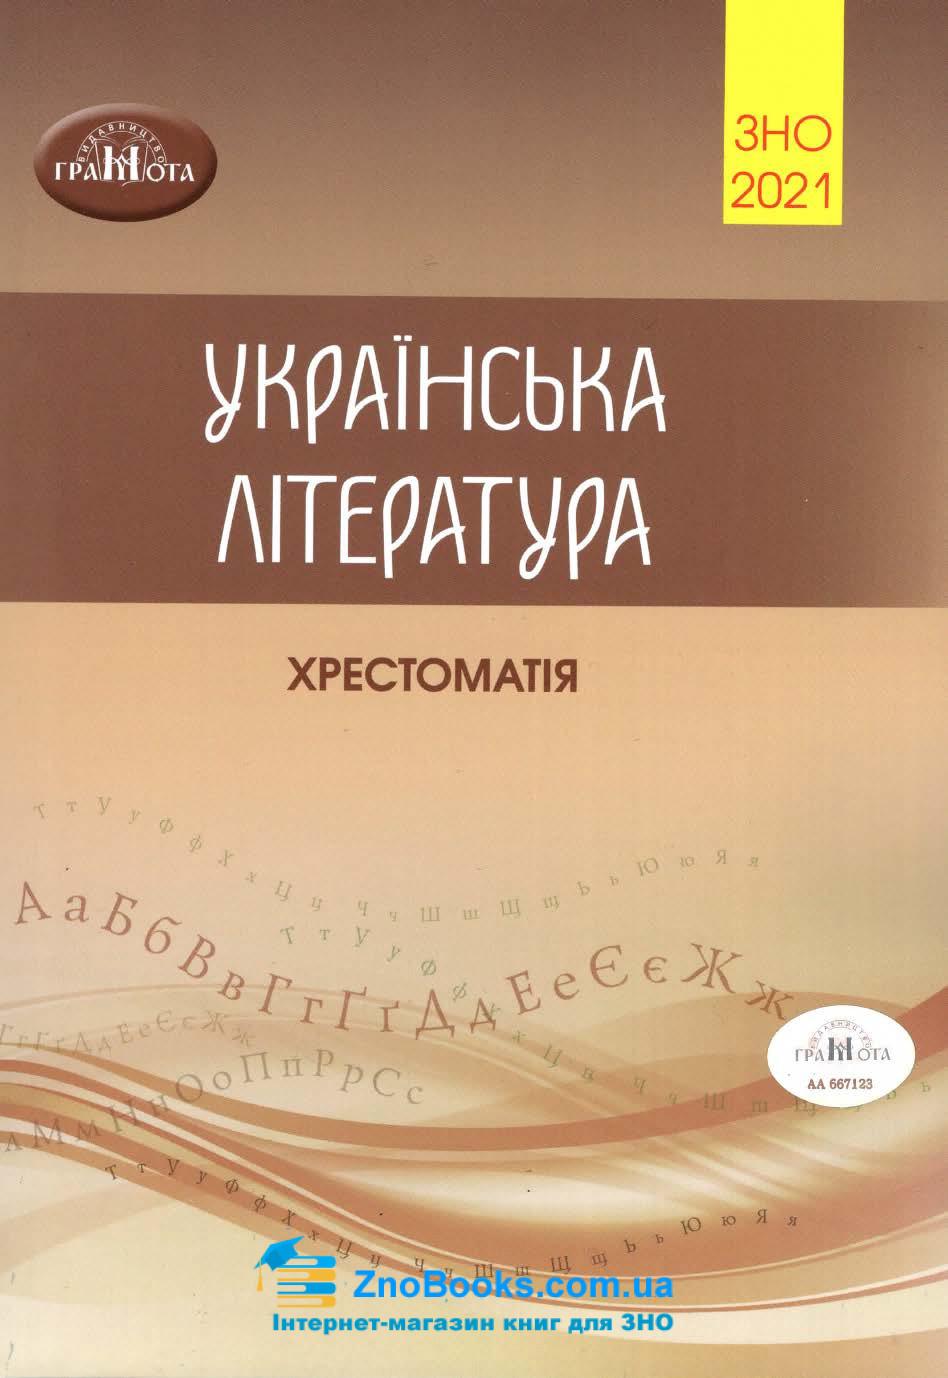 ЗНО 2021 Авраменко Хрестоматія. Українська література : Грамота купити 0